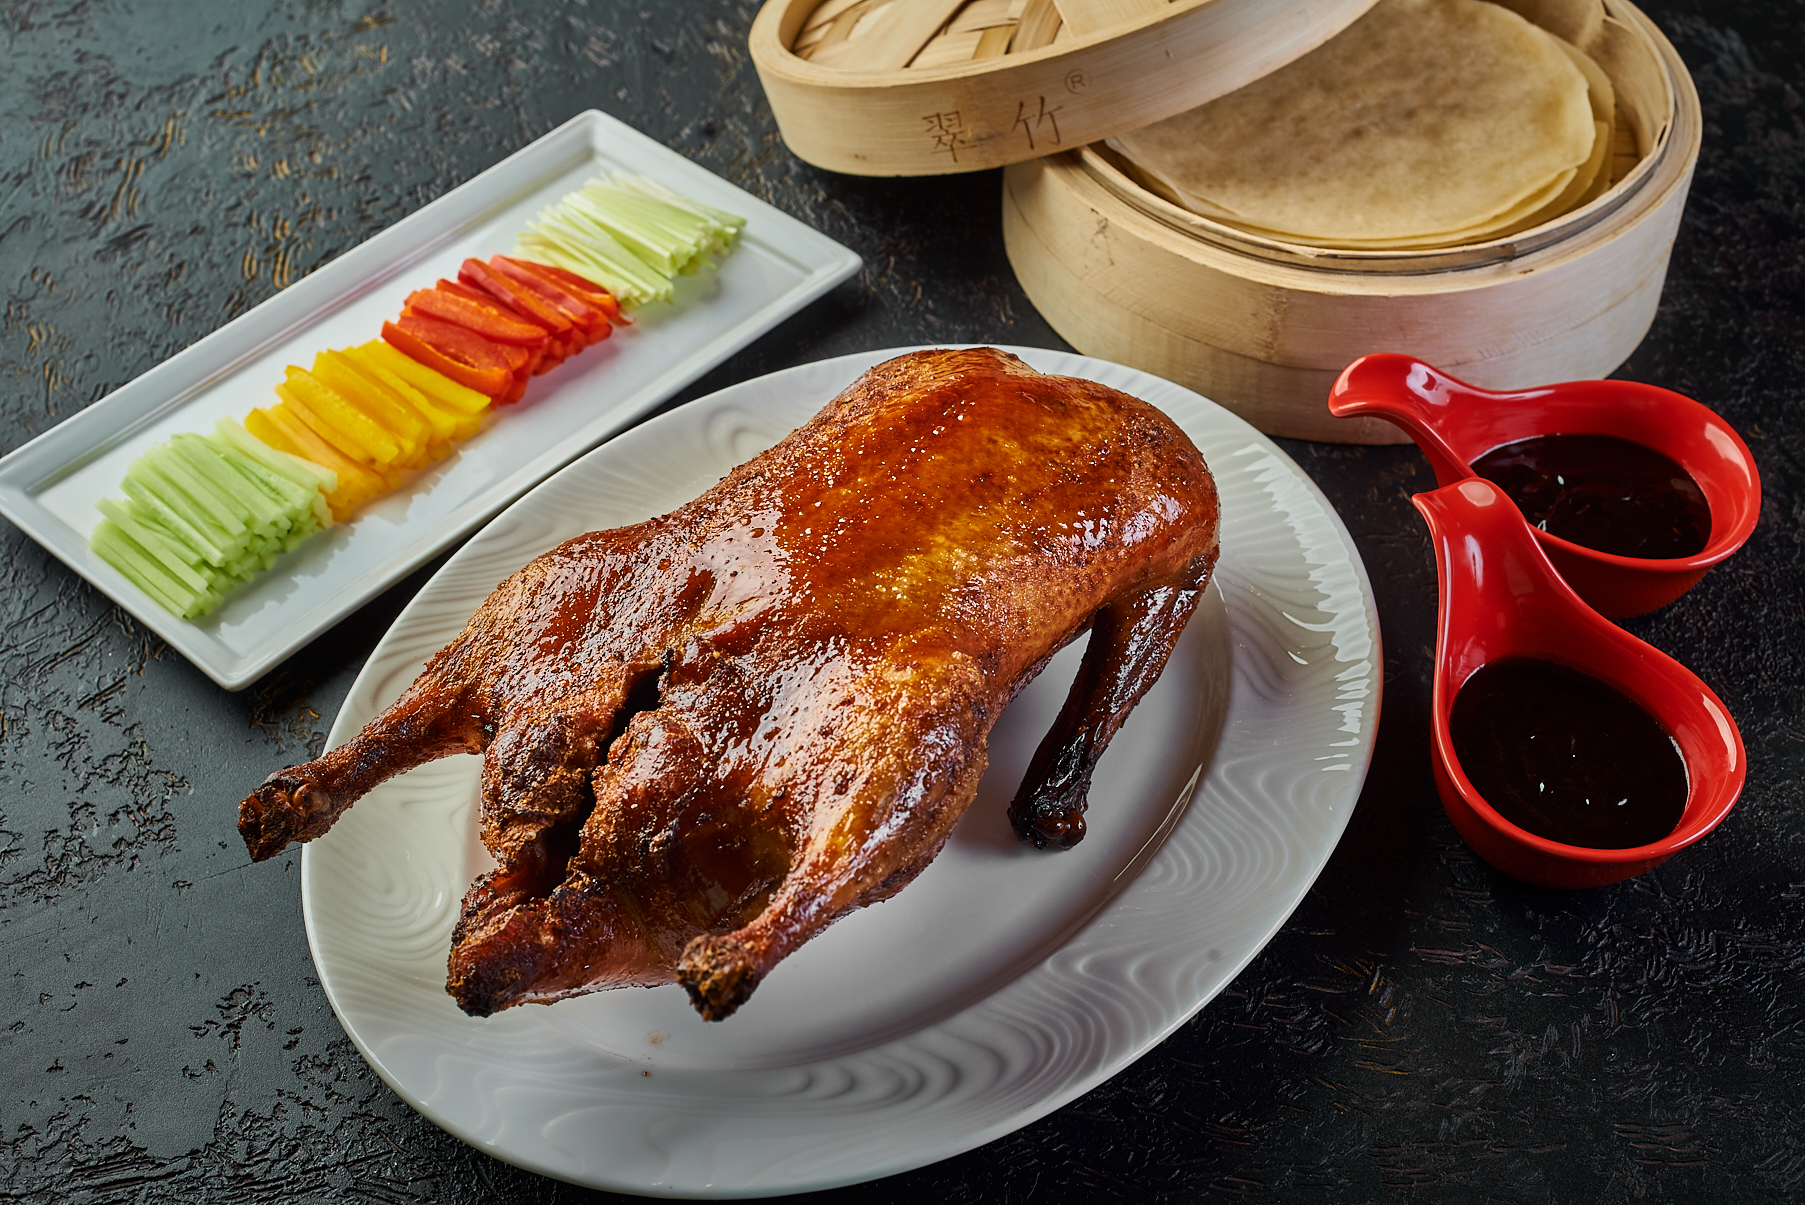 Пекинская утка с блинчиками и овощами 4500₽